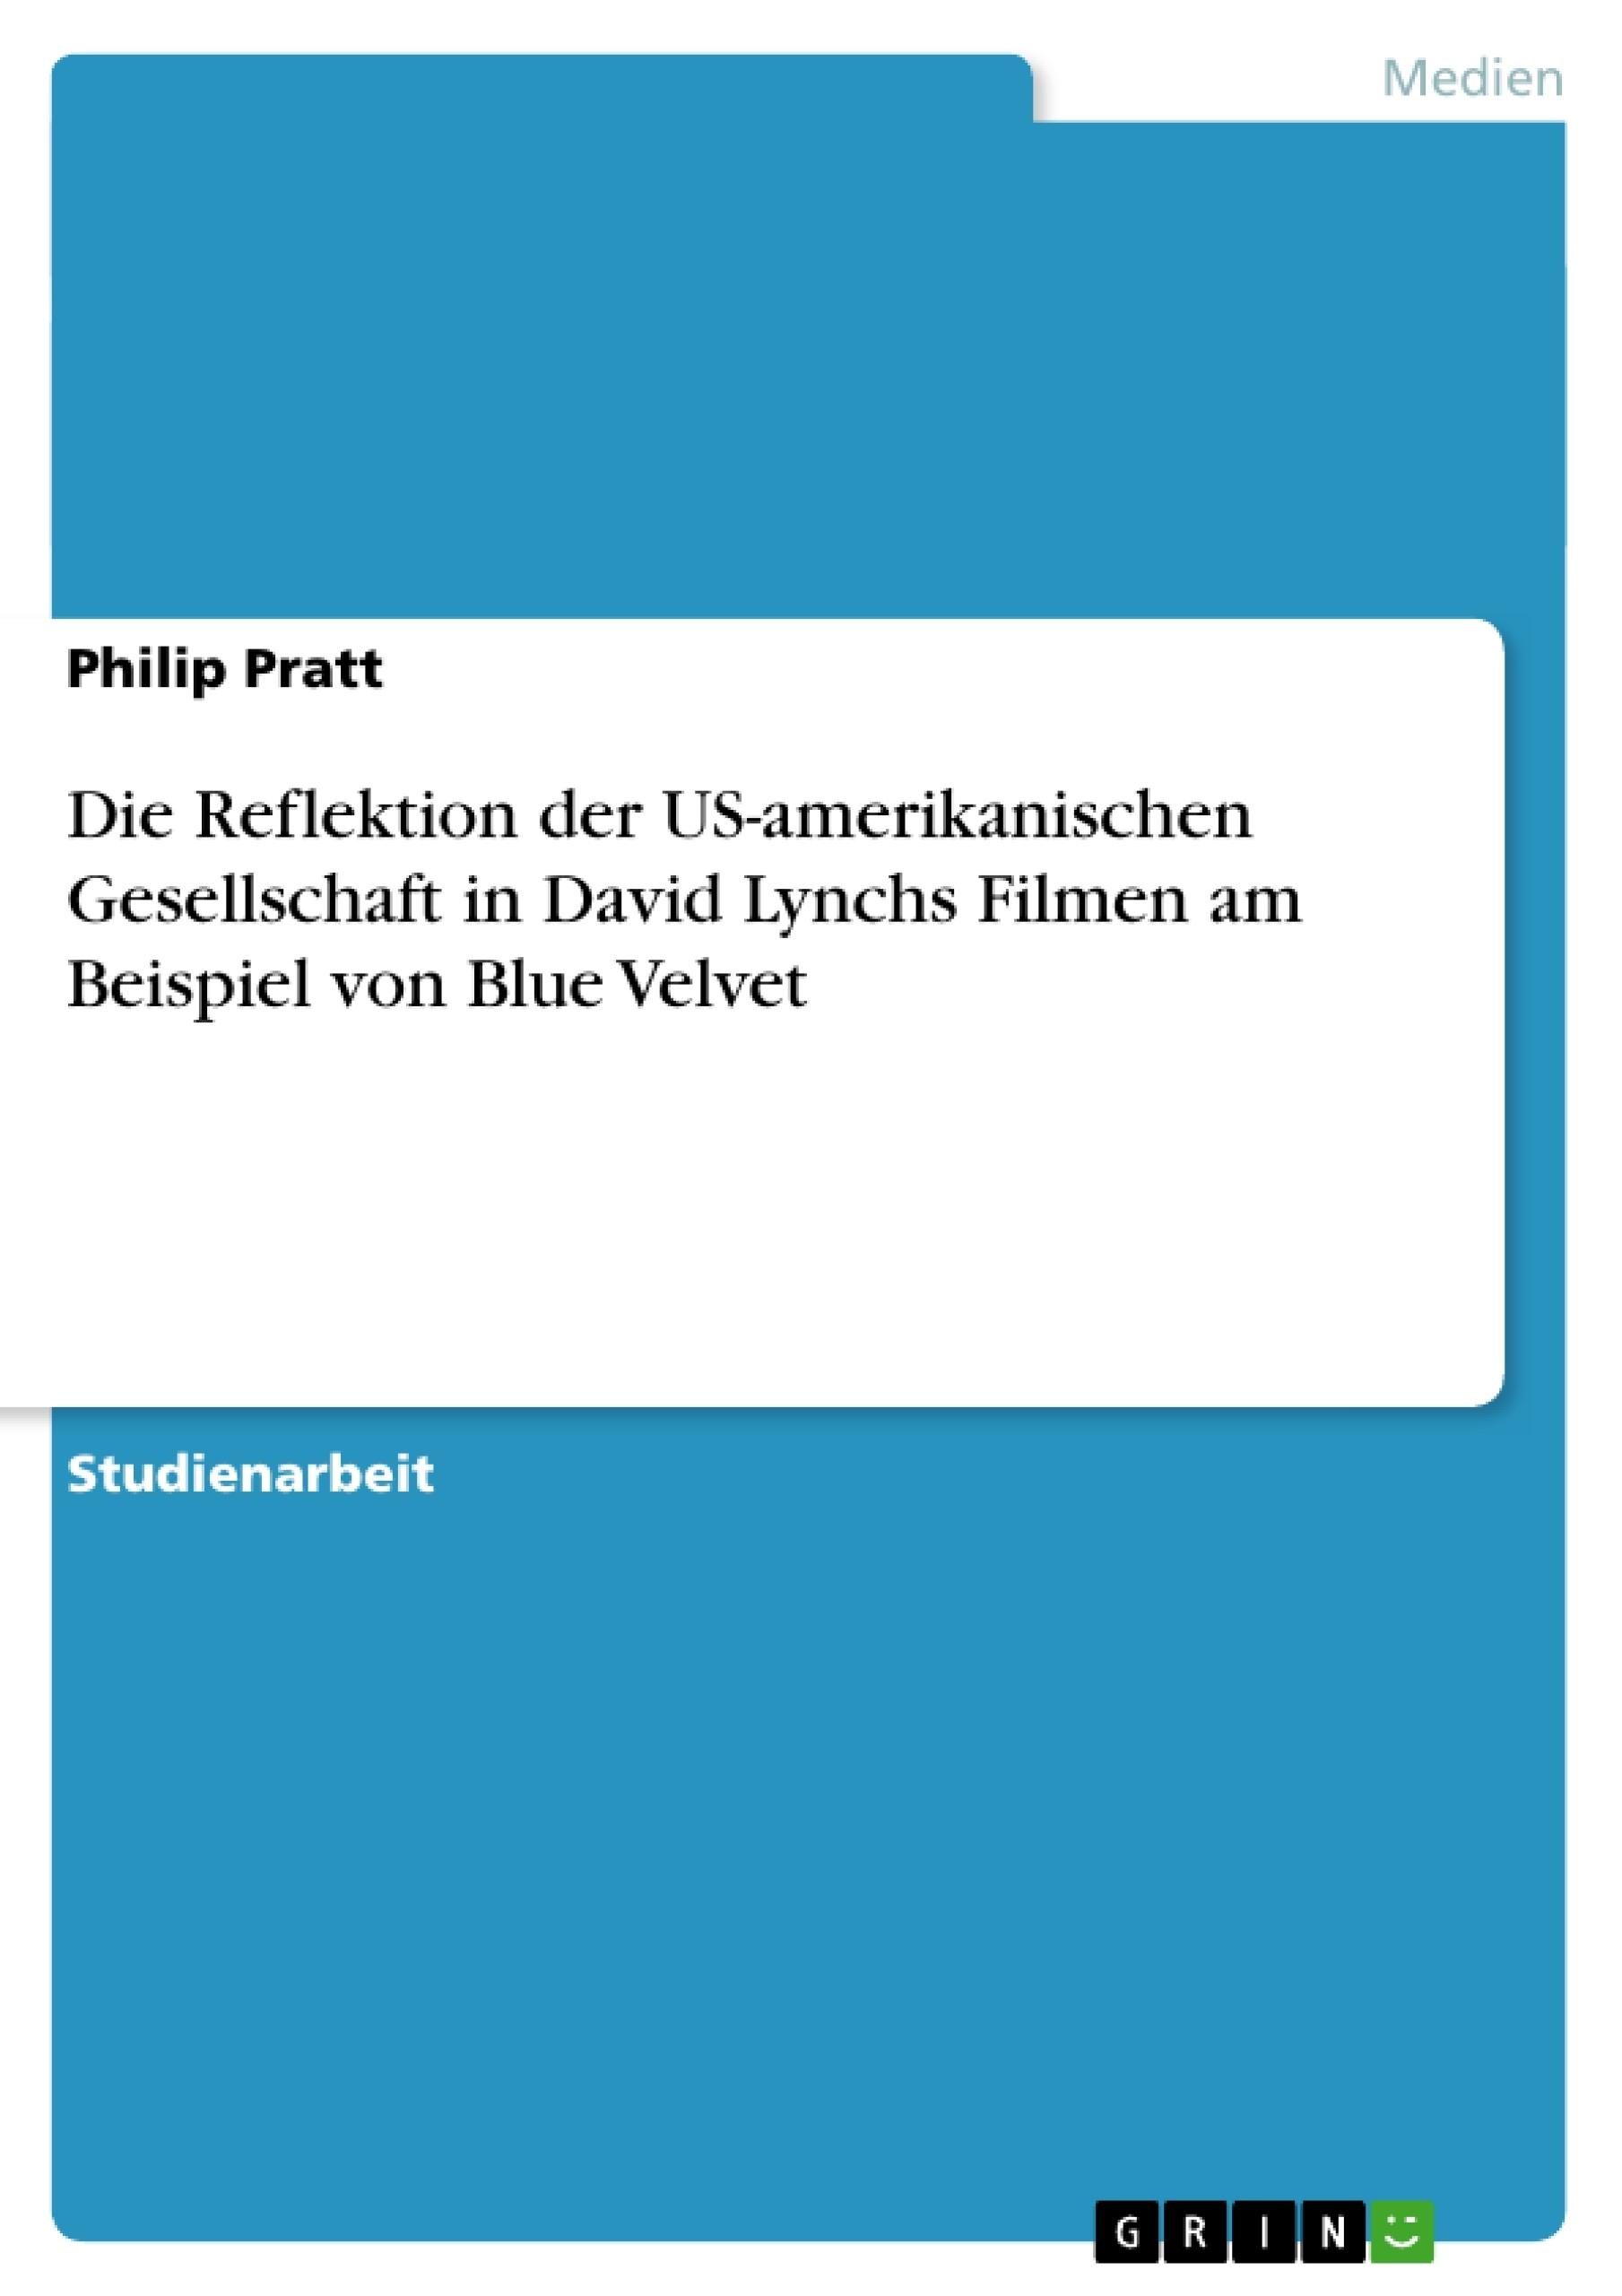 Titel: Die Reflektion der US-amerikanischen Gesellschaft in David Lynchs Filmen am Beispiel von Blue Velvet